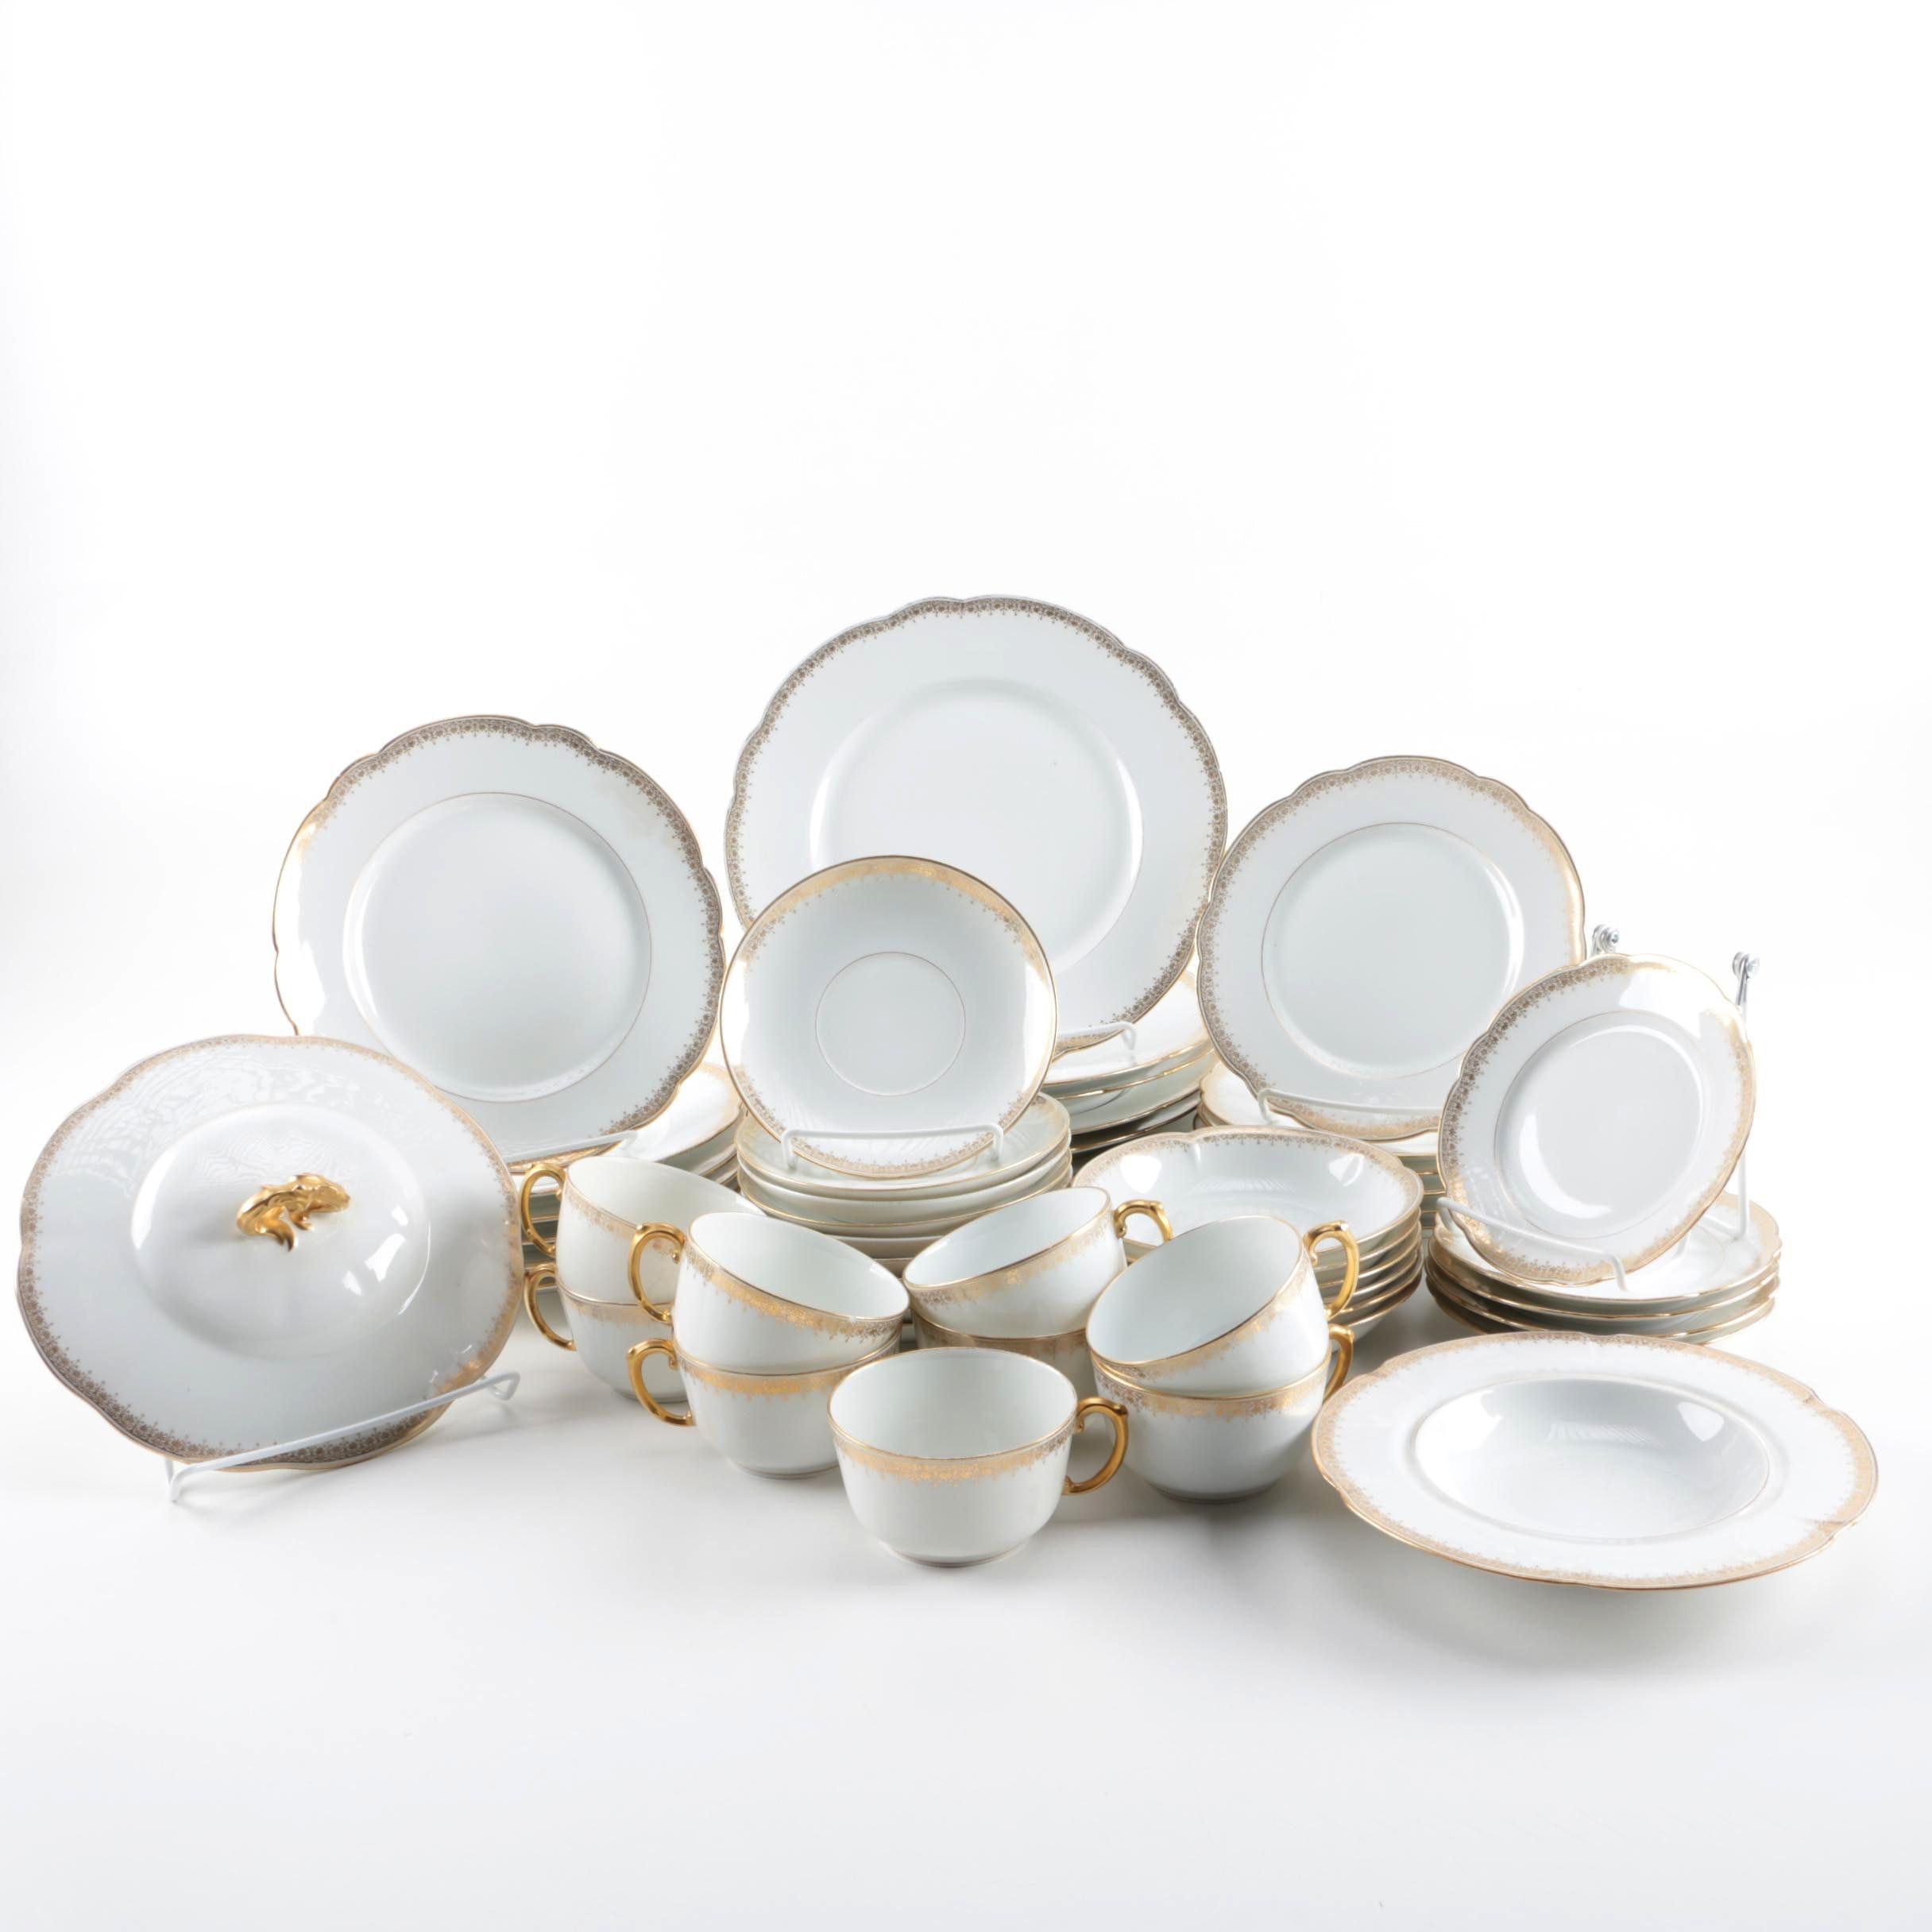 D \u0026 C France L. Bernardaud Limoges Porcelain Tableware ...  sc 1 st  EBTH.com & D \u0026 C France L. Bernardaud Limoges Porcelain Tableware : EBTH